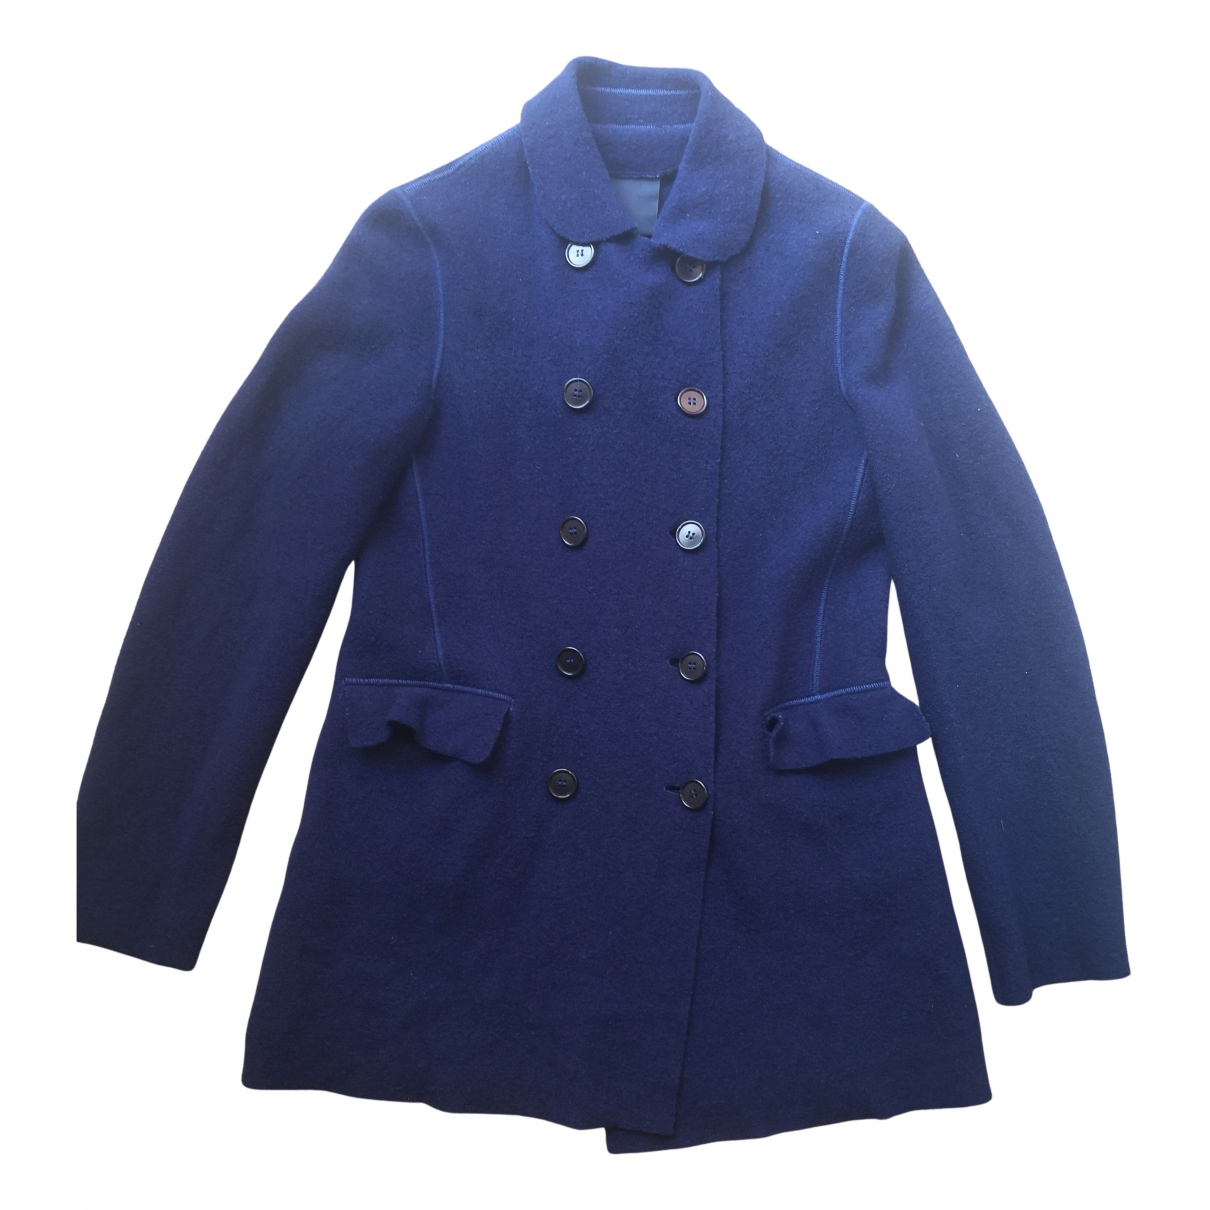 Aspesi \N Blue Wool jacket for Women 44 IT